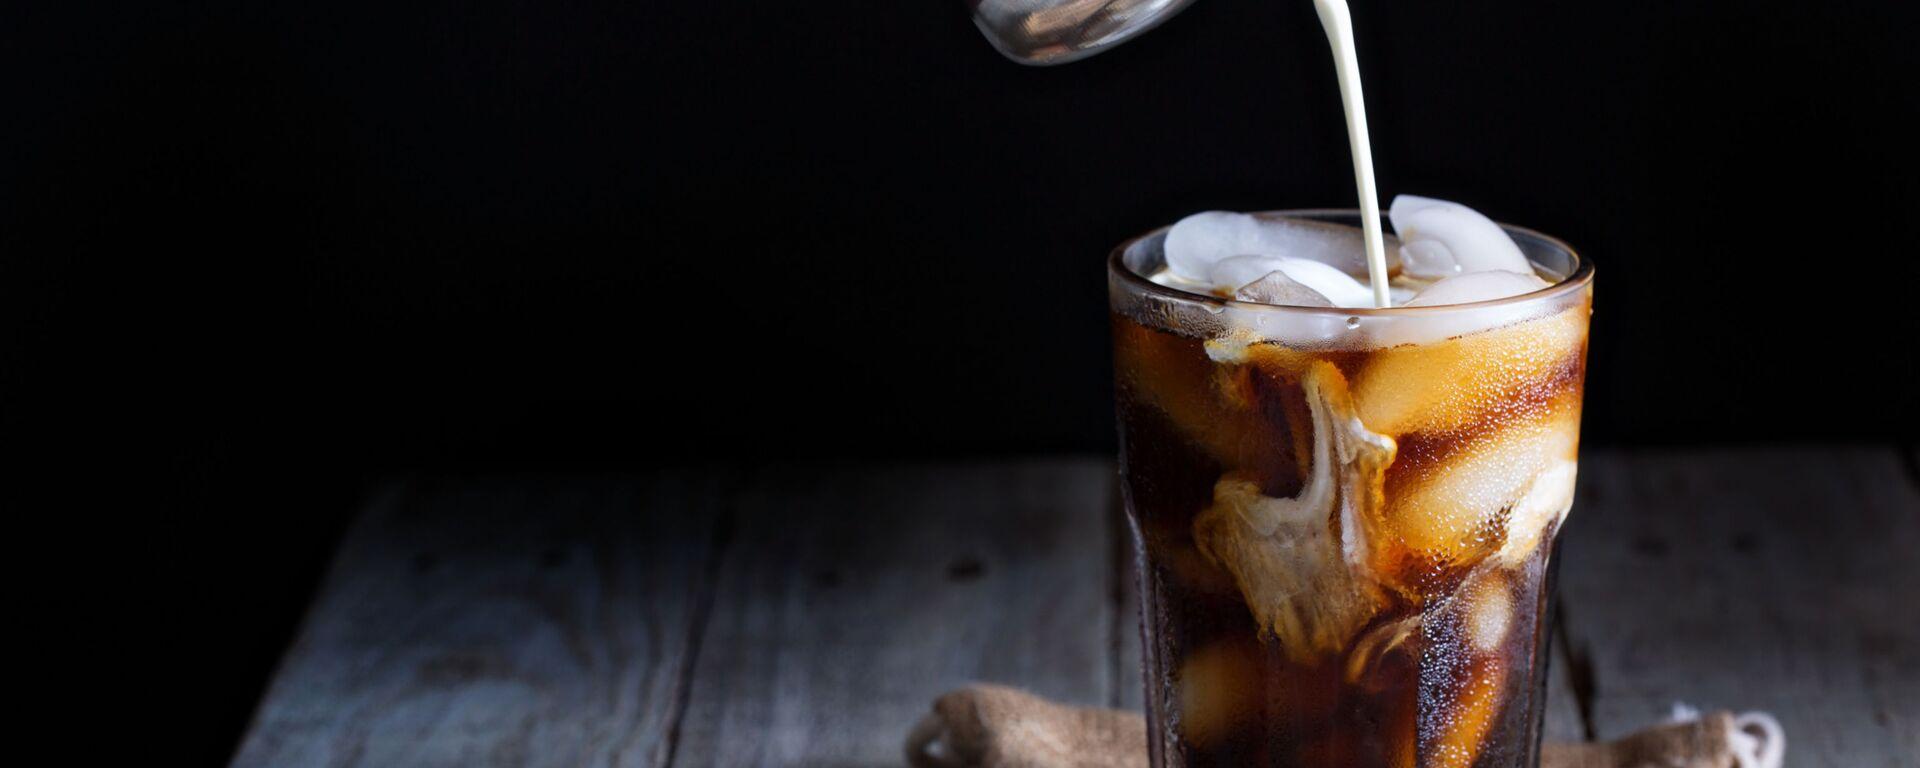 Ledová káva ve sklenici - Sputnik Česká republika, 1920, 05.09.2021